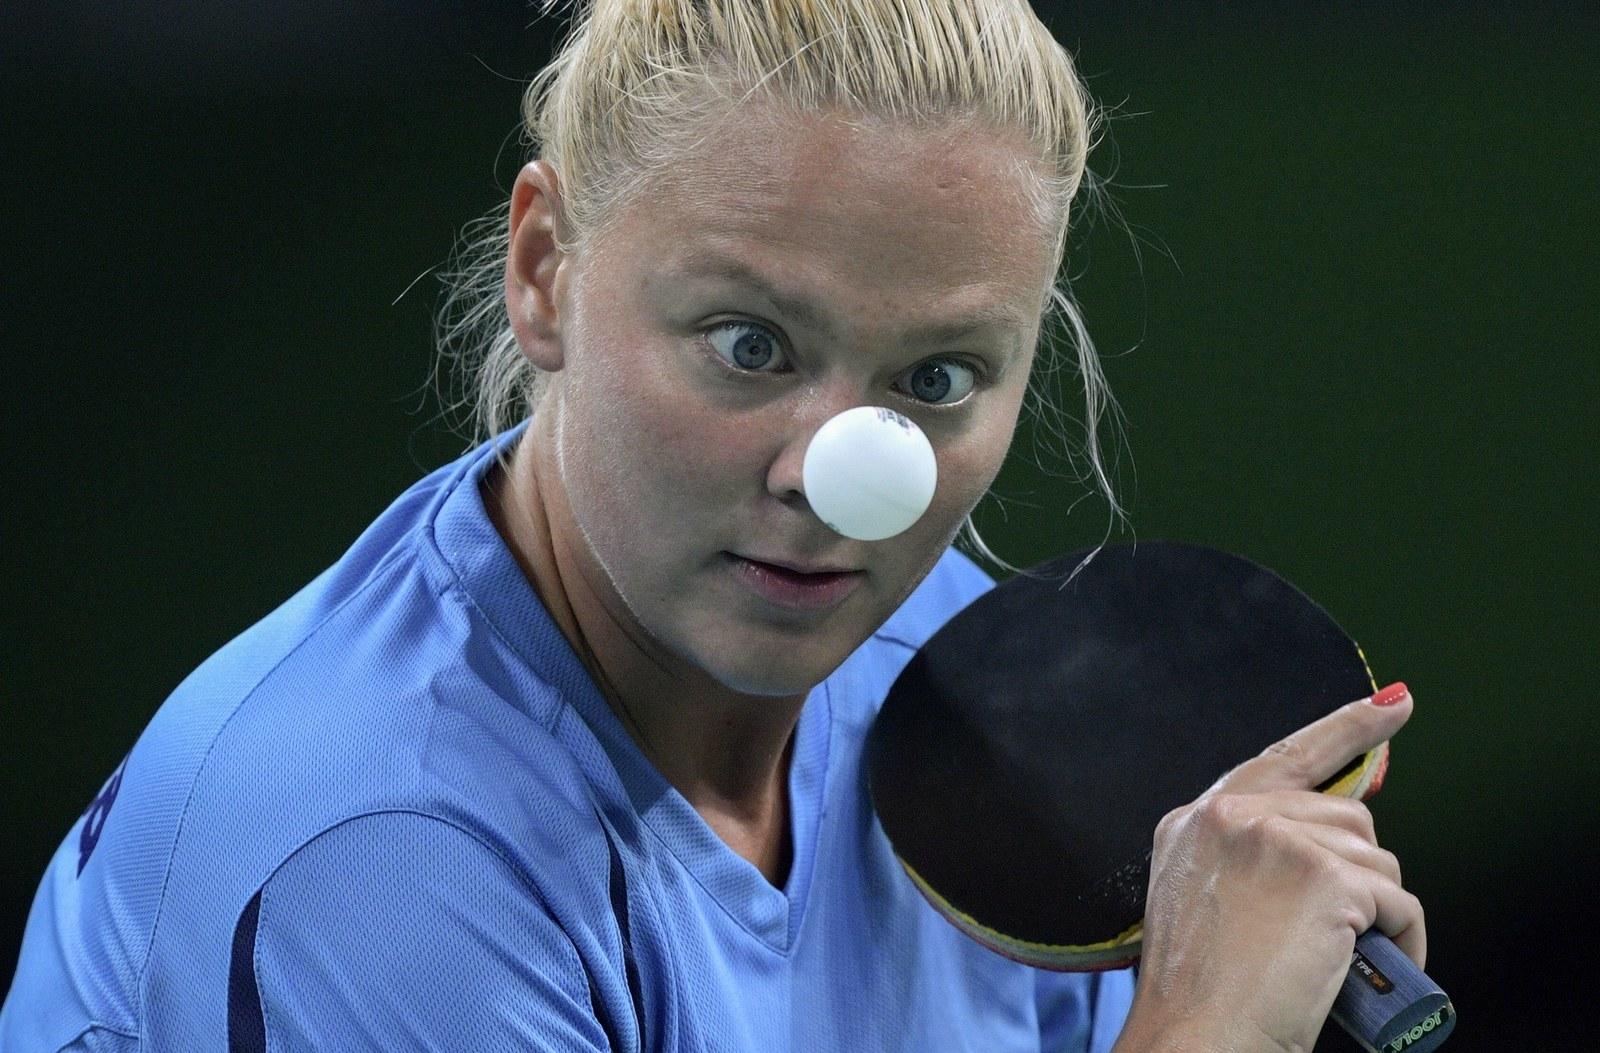 Соболезнование, картинки про настольный теннис смешные